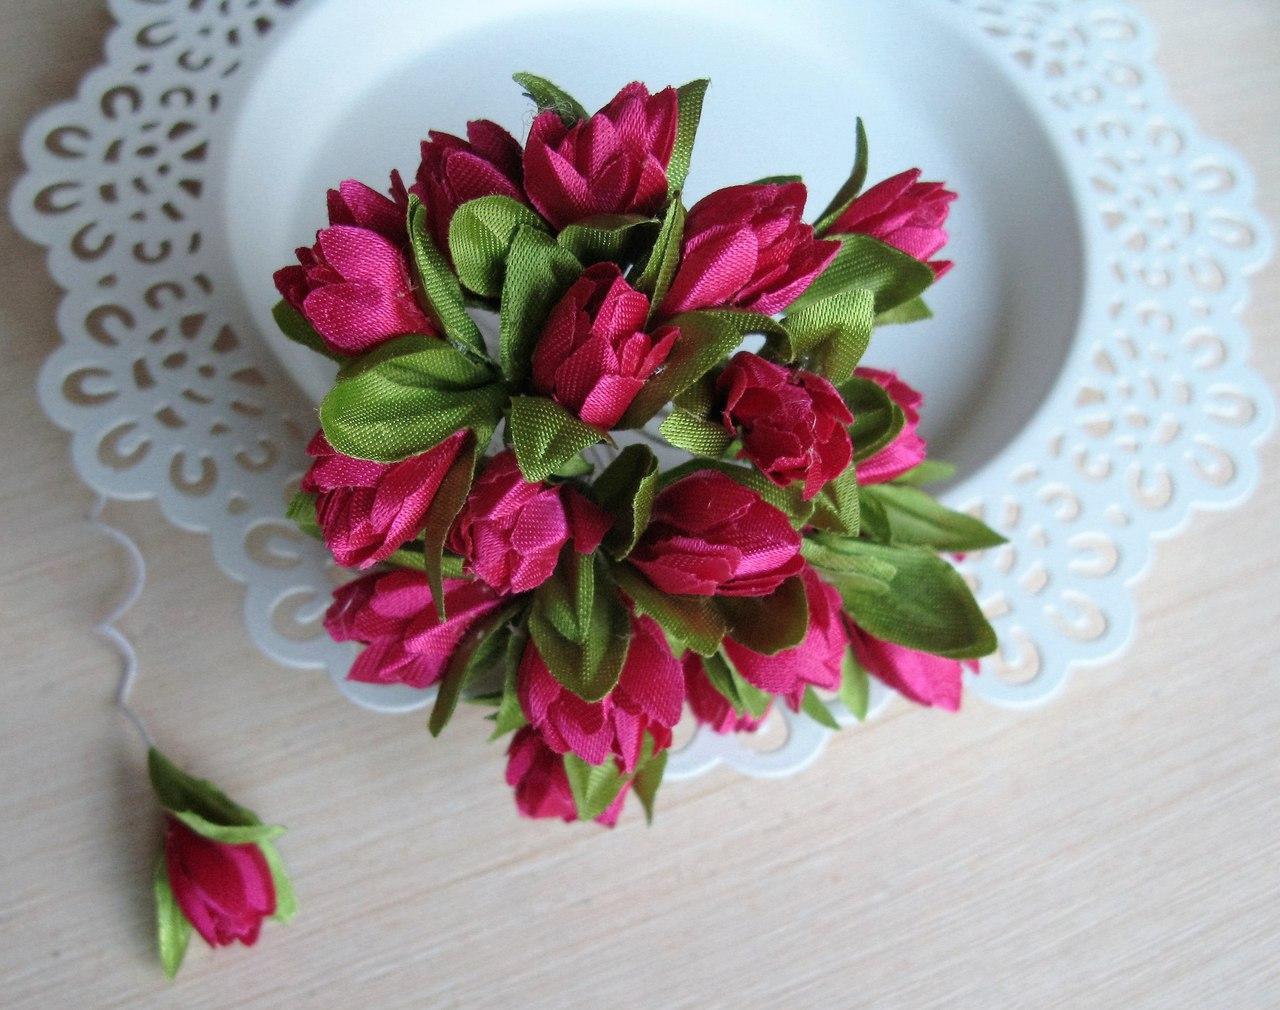 Тюльпаны из ткани малиновые  2 см - 20 шт, 28 грн